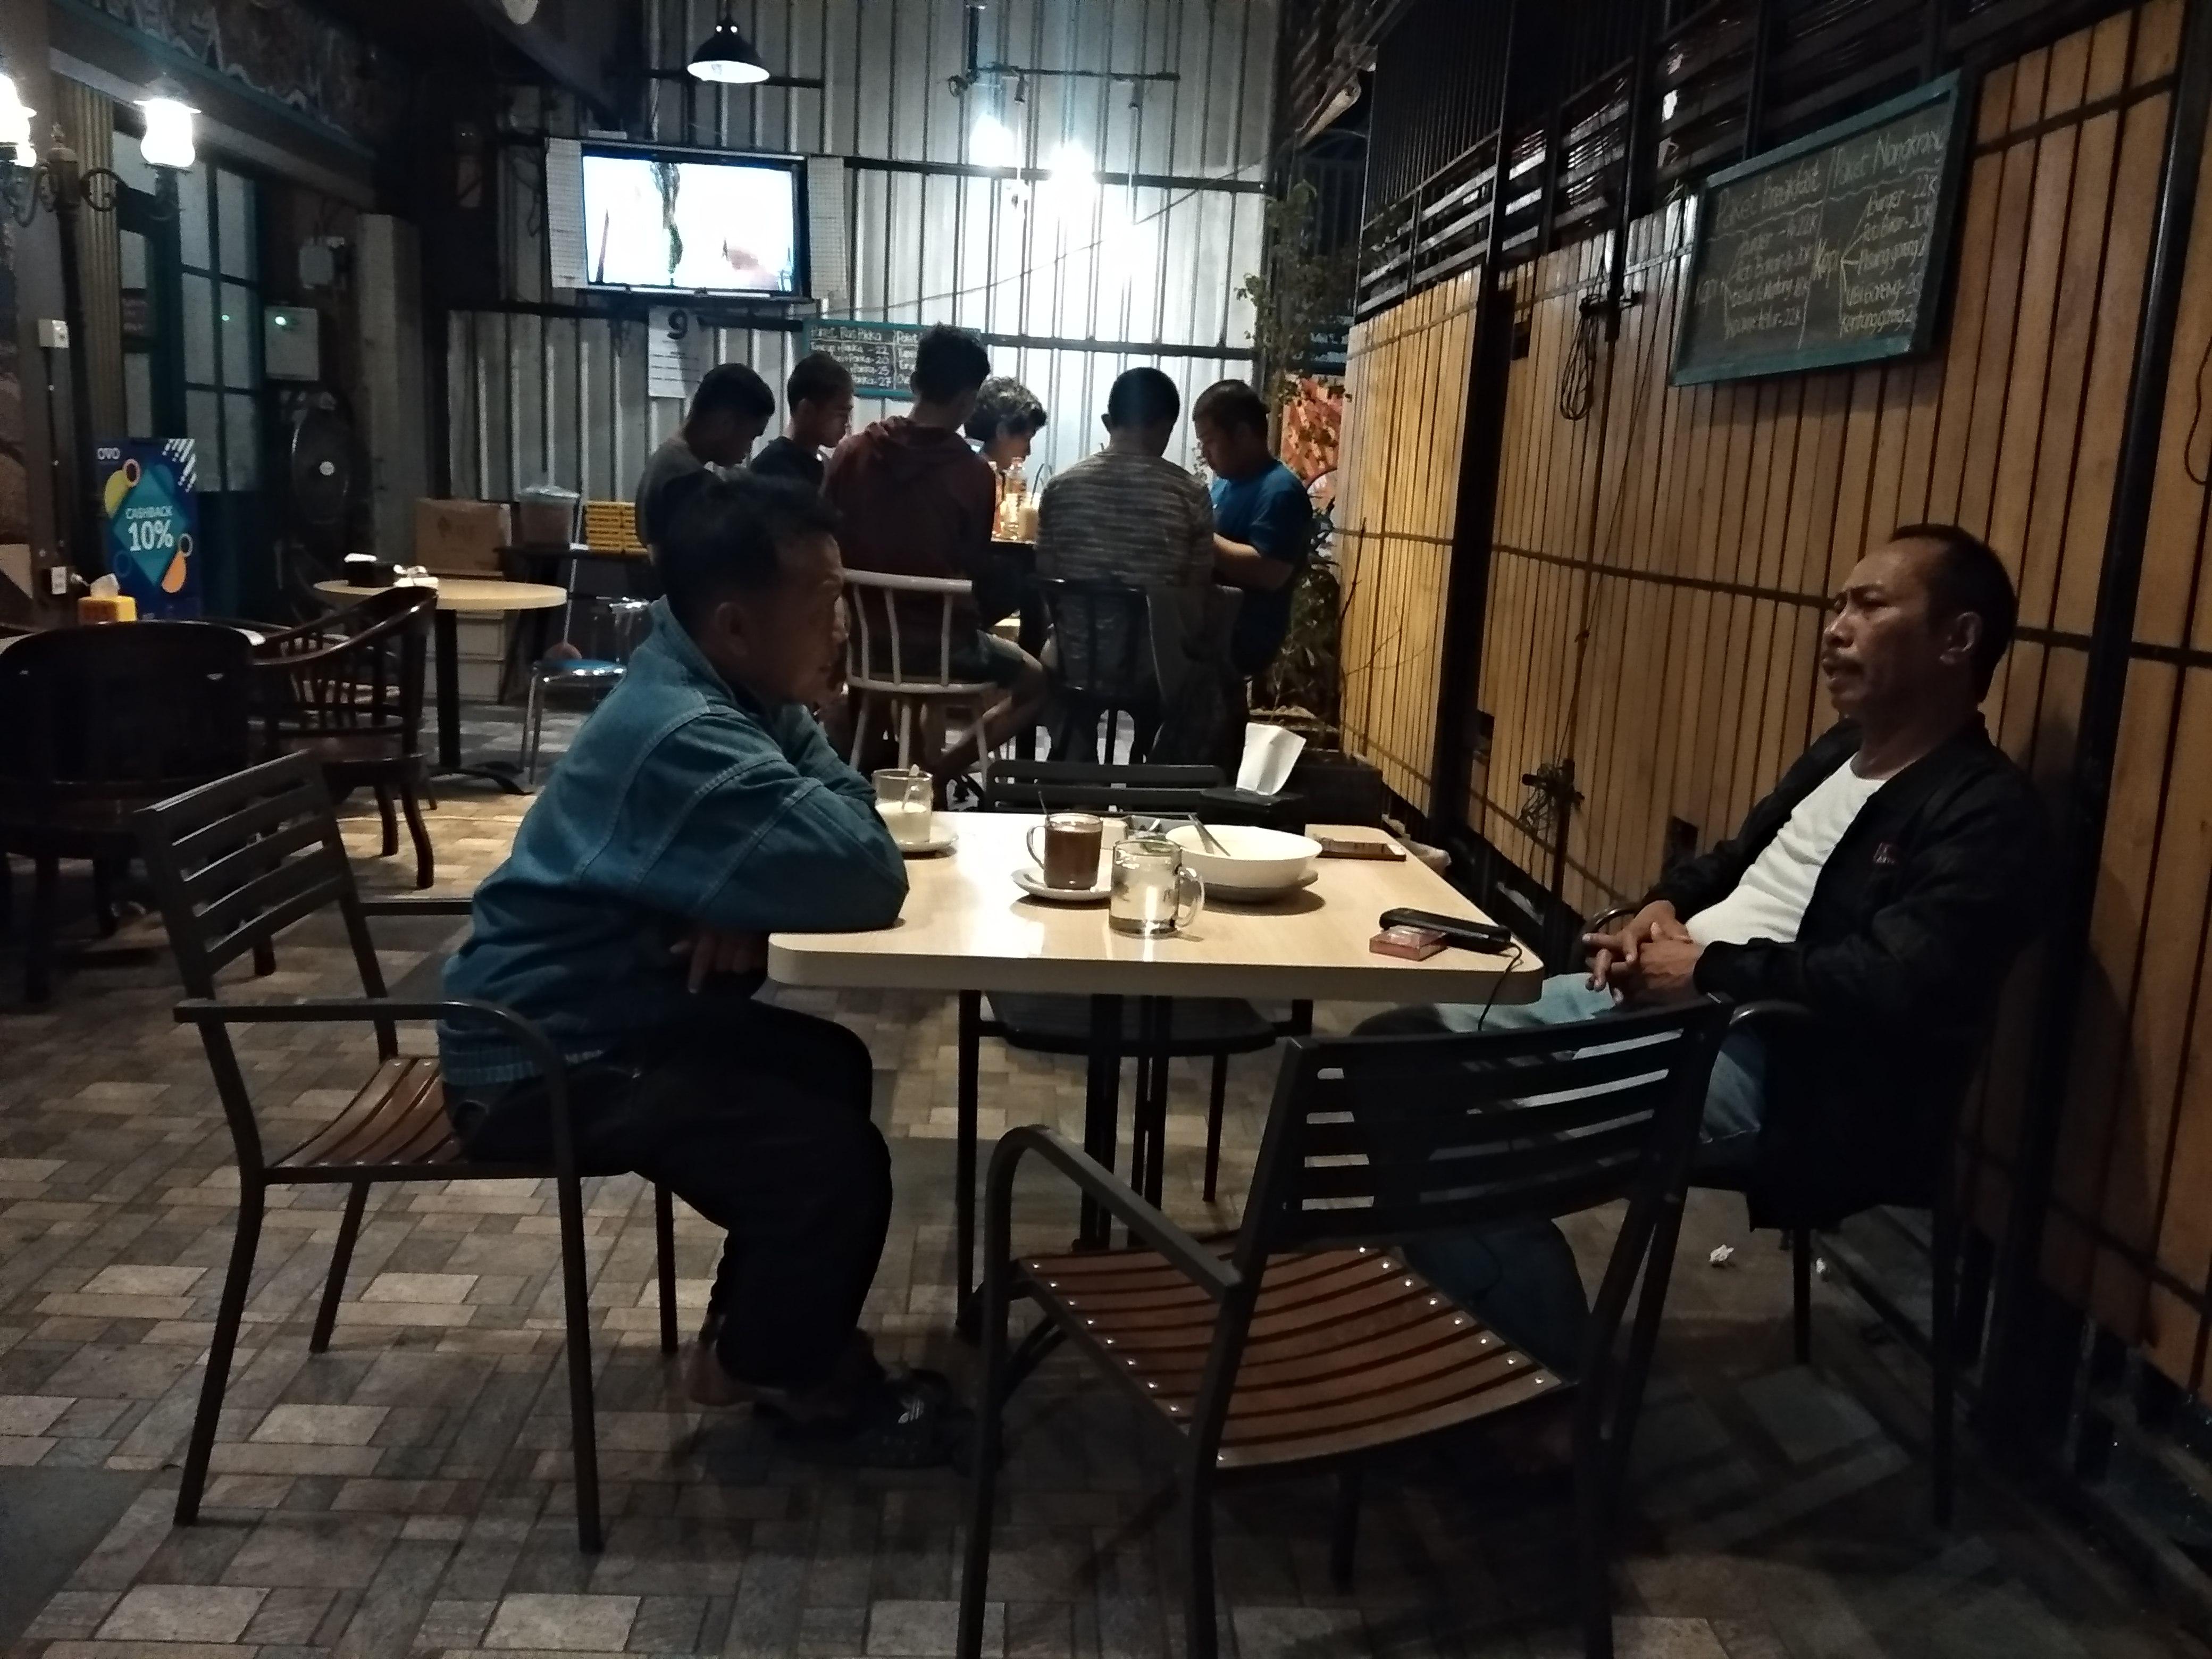 Dinilai Layak Jadi Anggota DPRD kota Makassar, Komunitas DP Siap Perjuagkan Anton Paul Goni